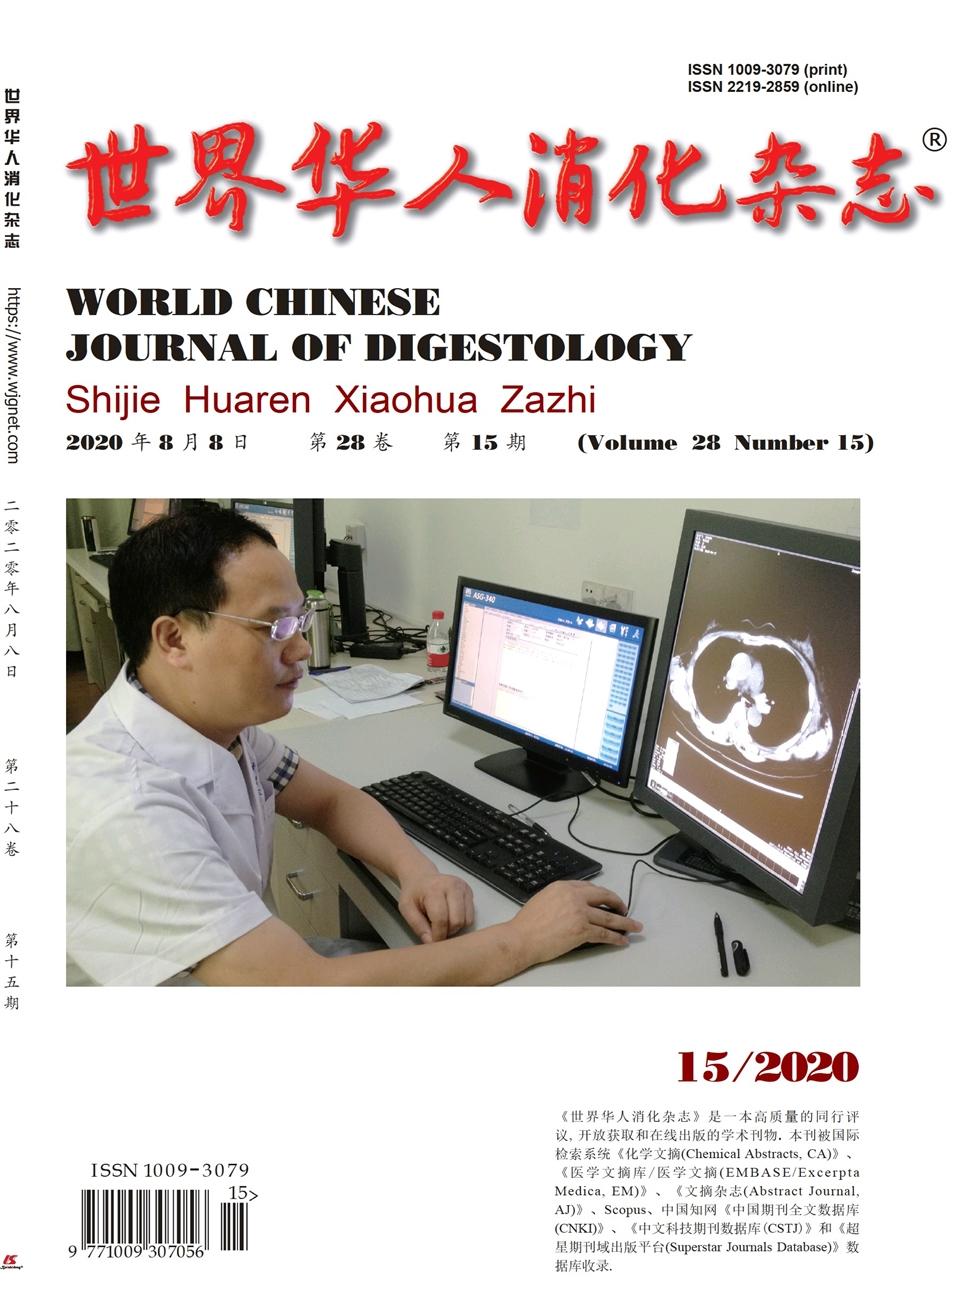 《世界华人消化杂志》